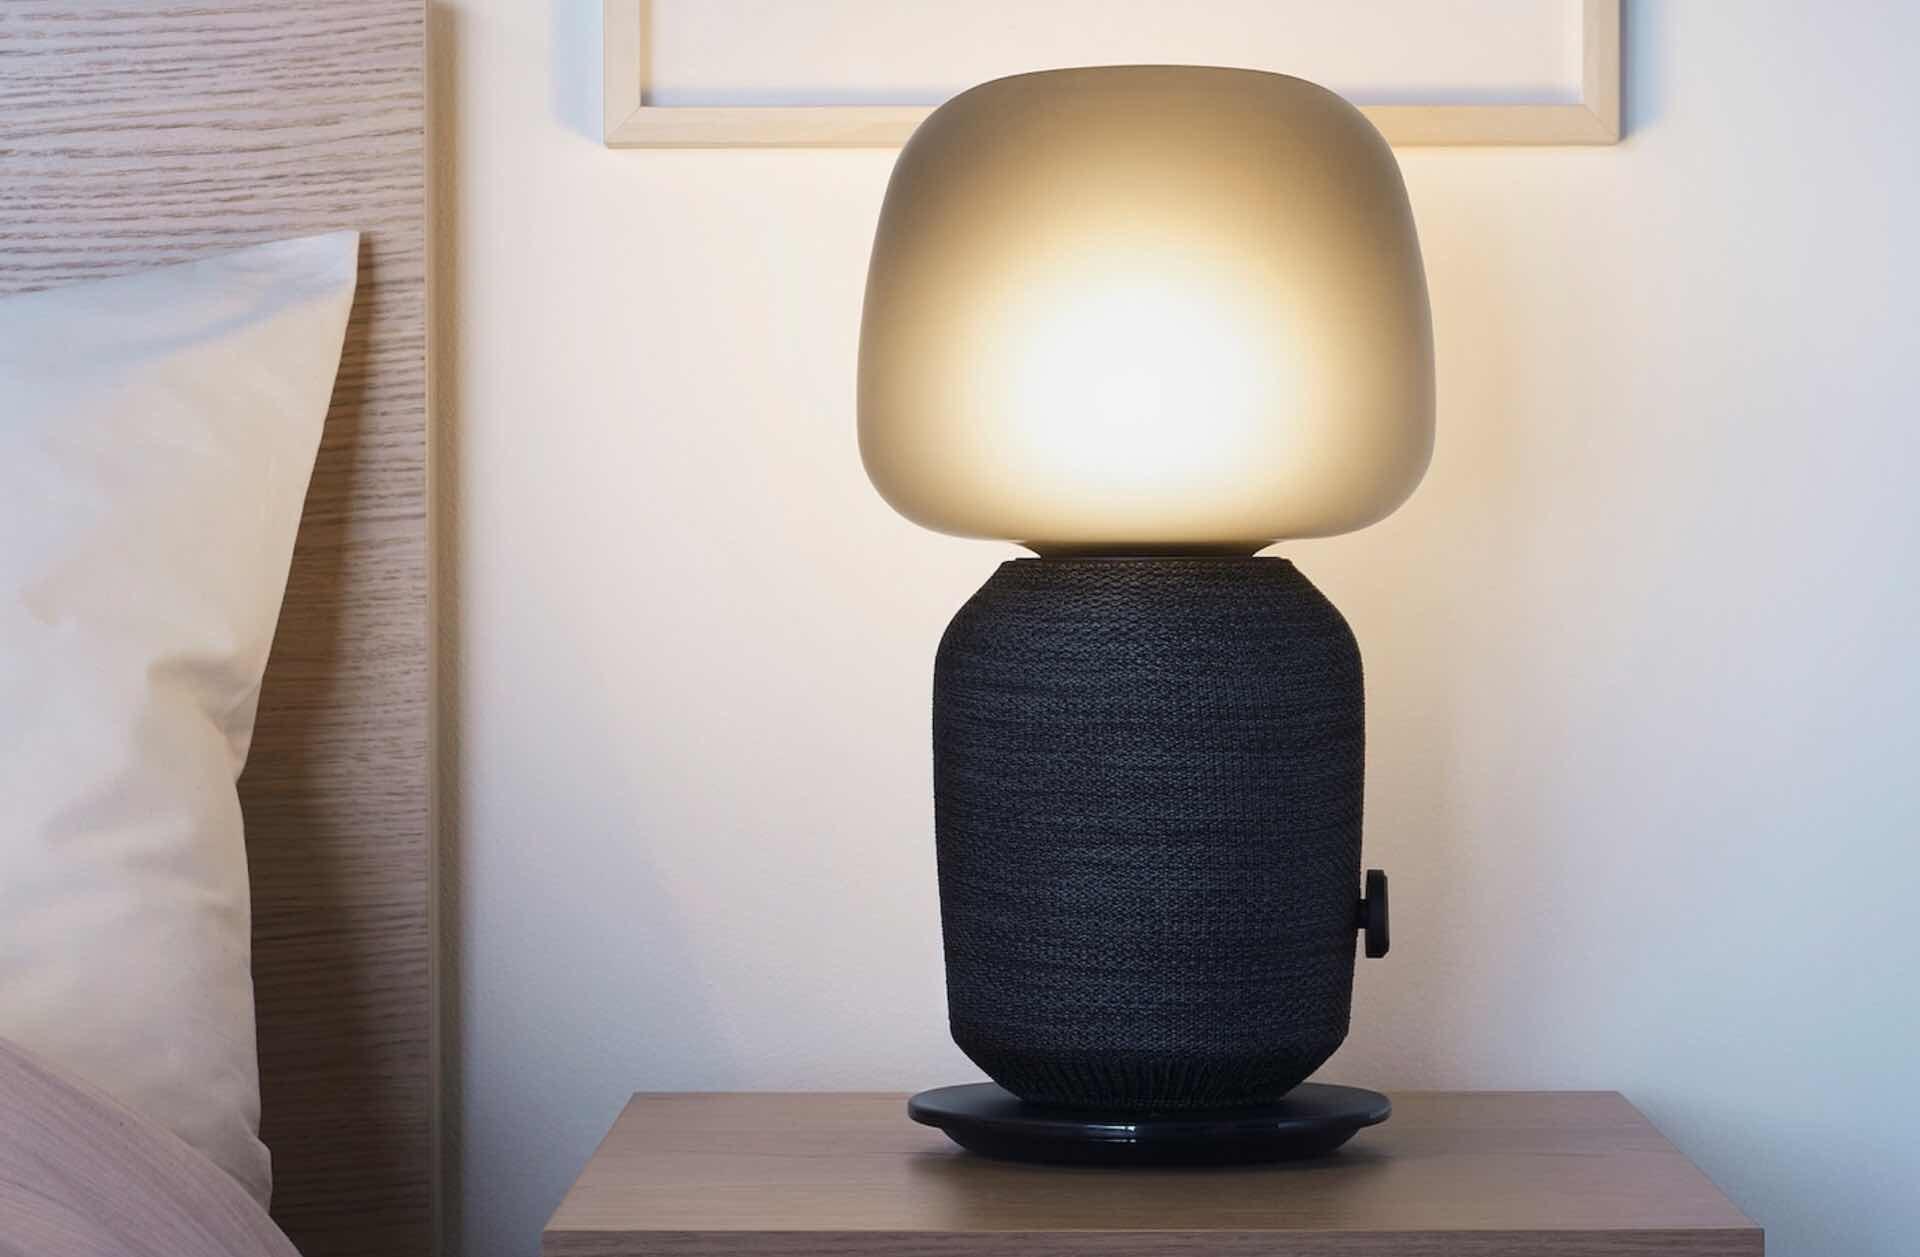 ikea-sonos-symfonisk-lamp-speaker-black